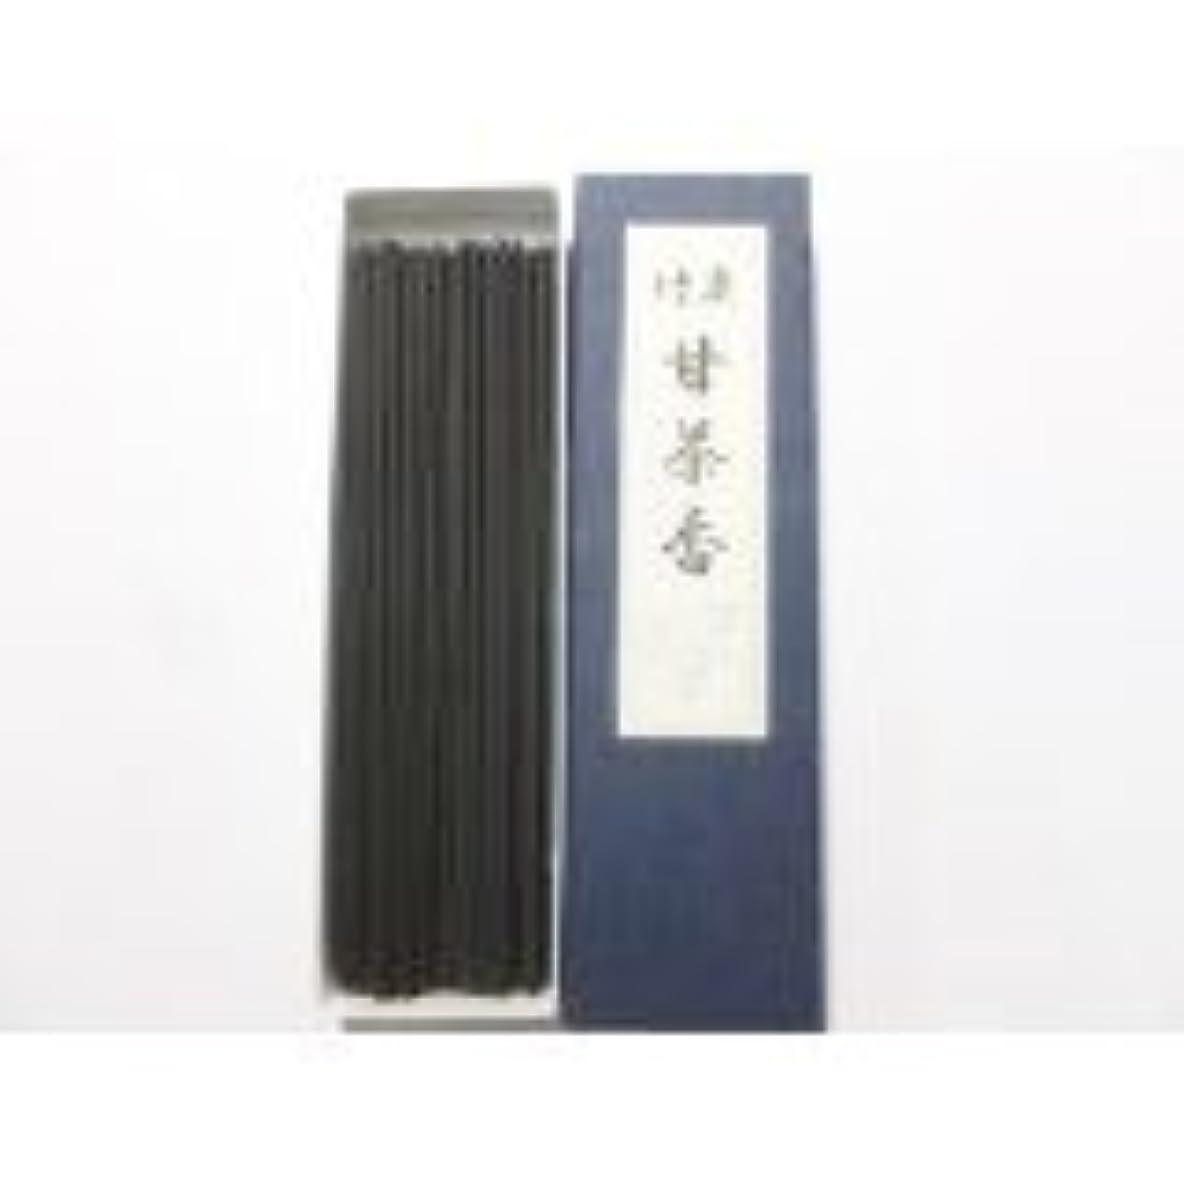 面胚芽美的淡路梅薫堂の線香 竹炭甘茶香 18g #30 ×100